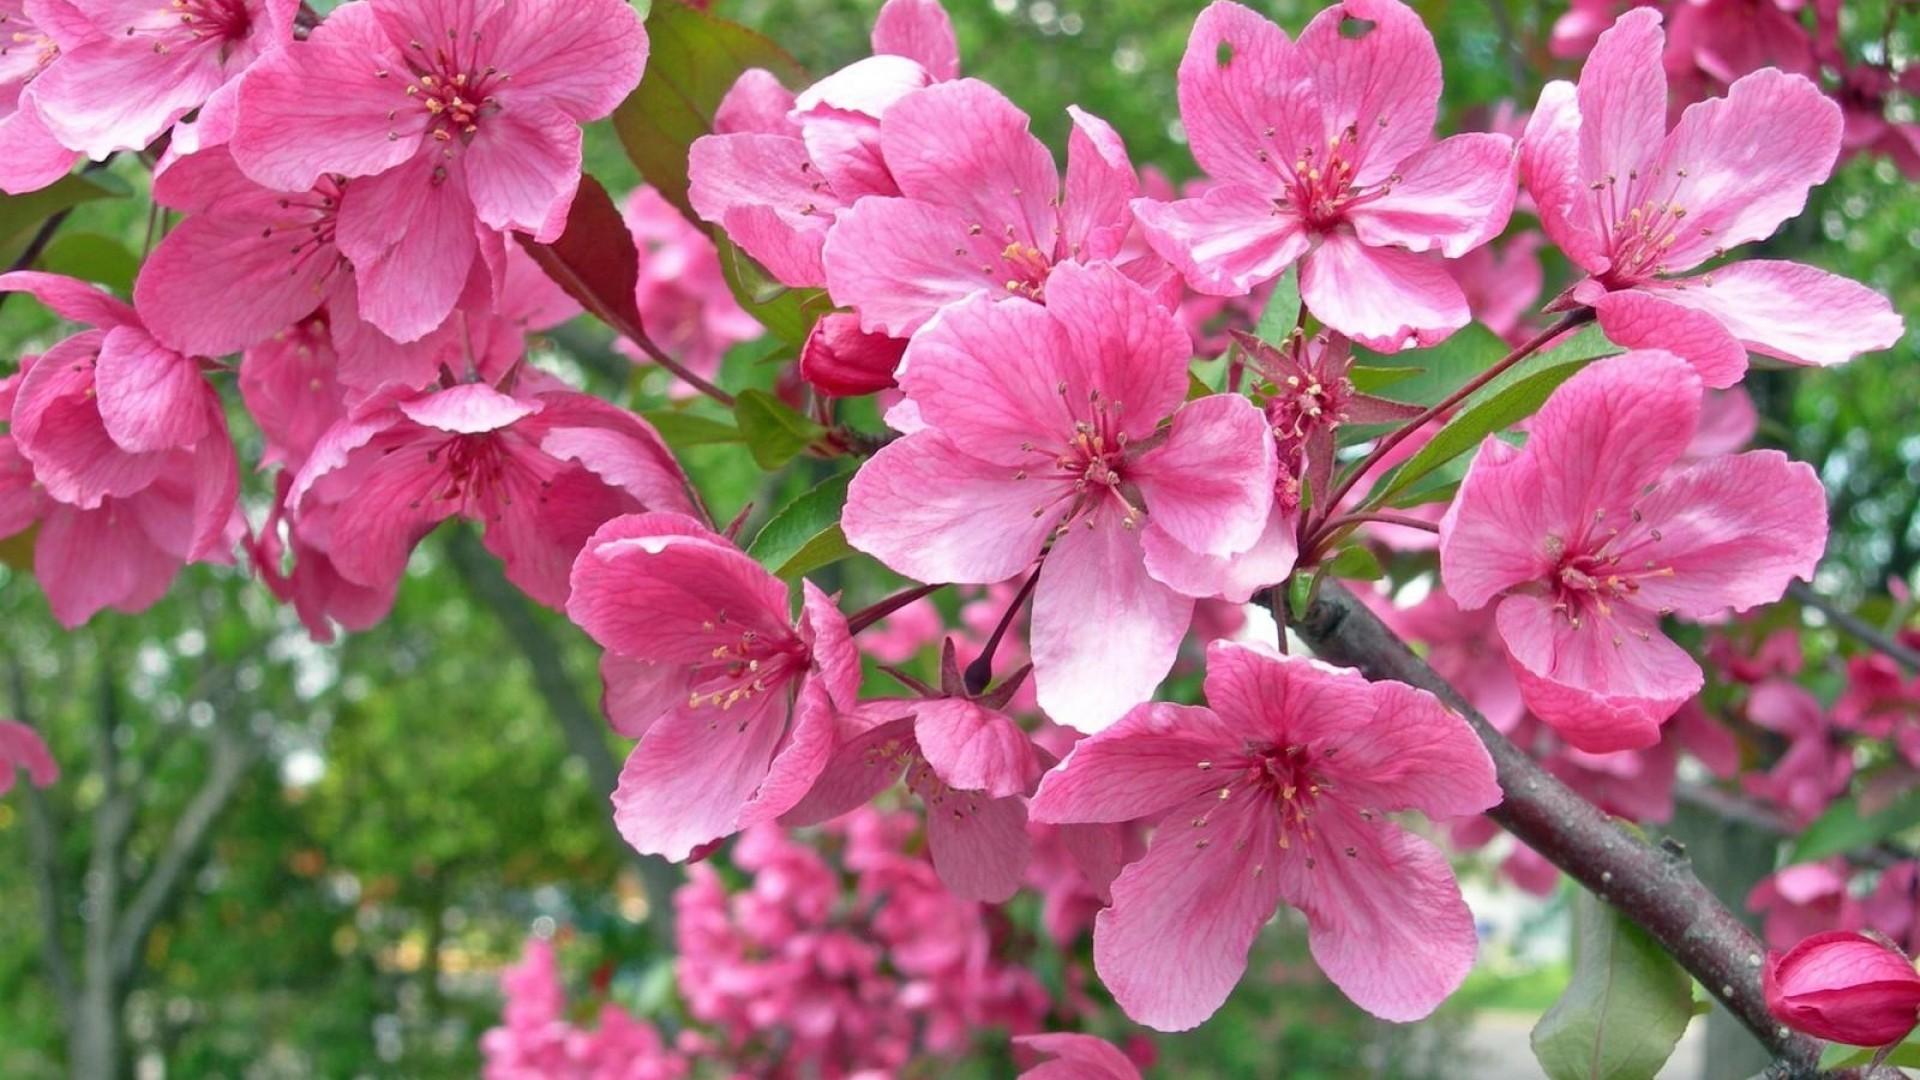 Primavera sfondi 46 immagini for Immagini sfondo desktop primavera